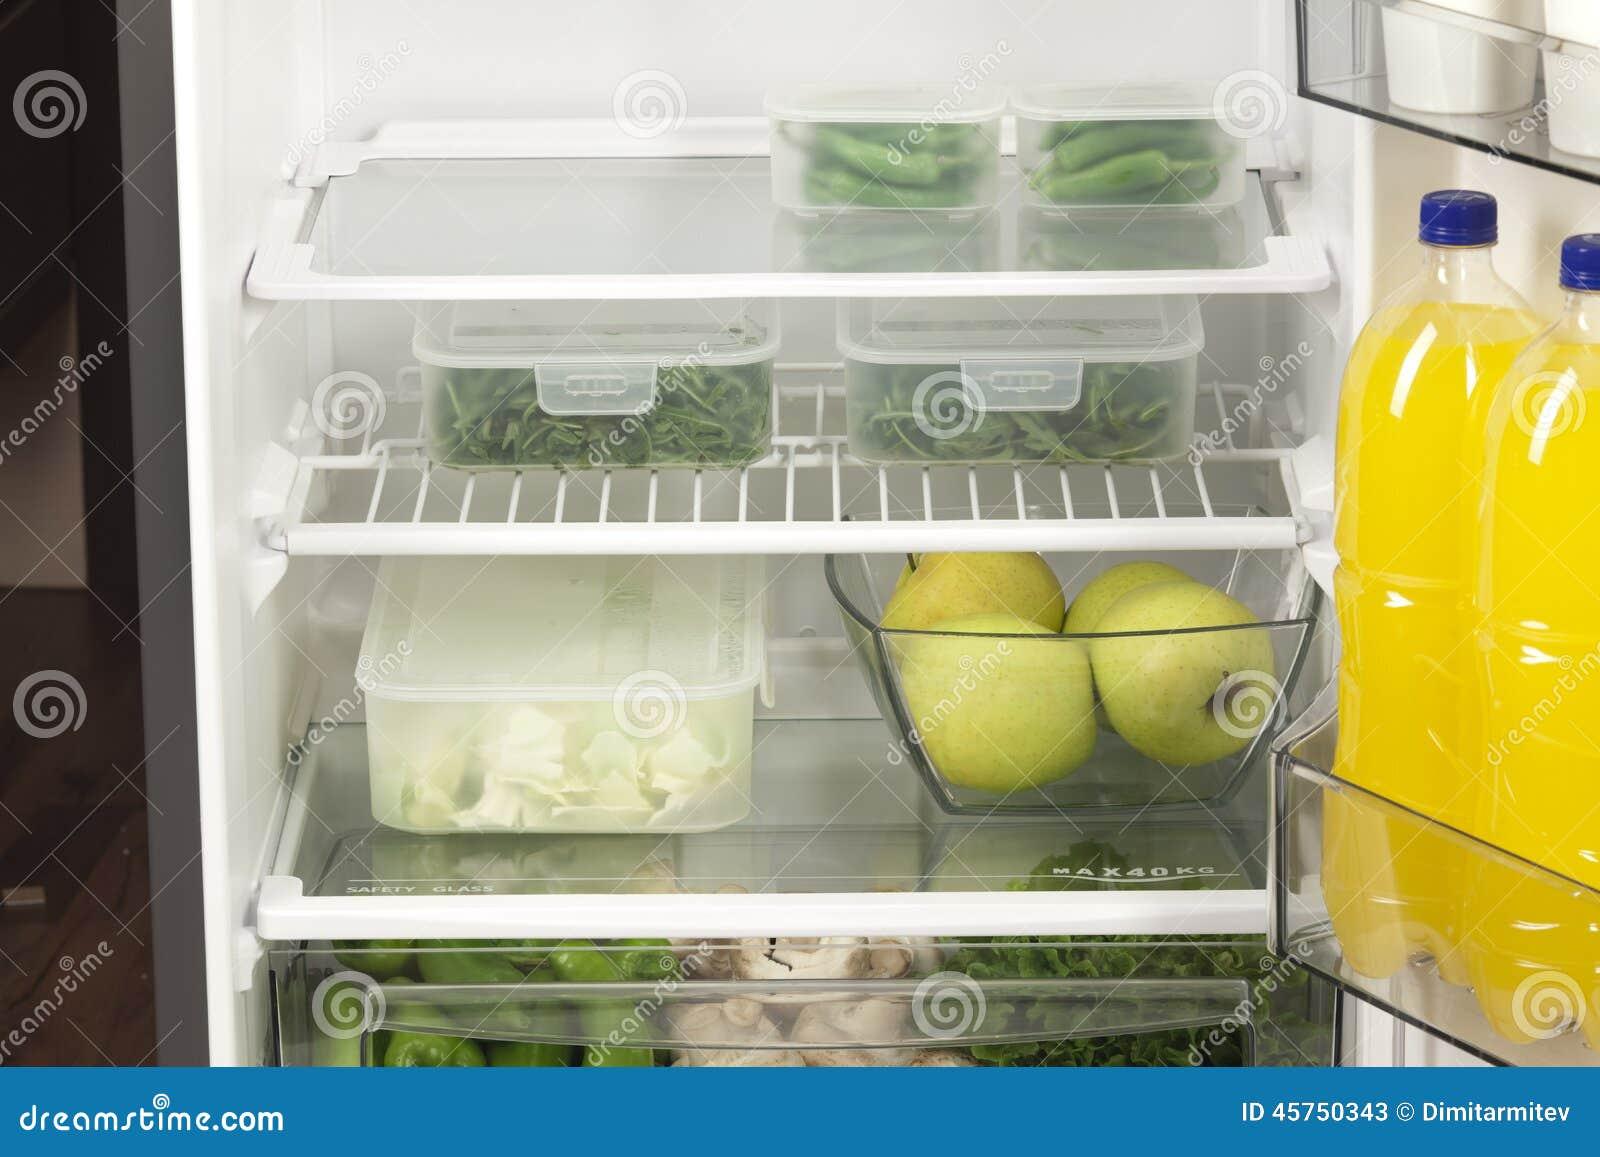 Frutta e verdure in due contenitori in un frigorifero moderno